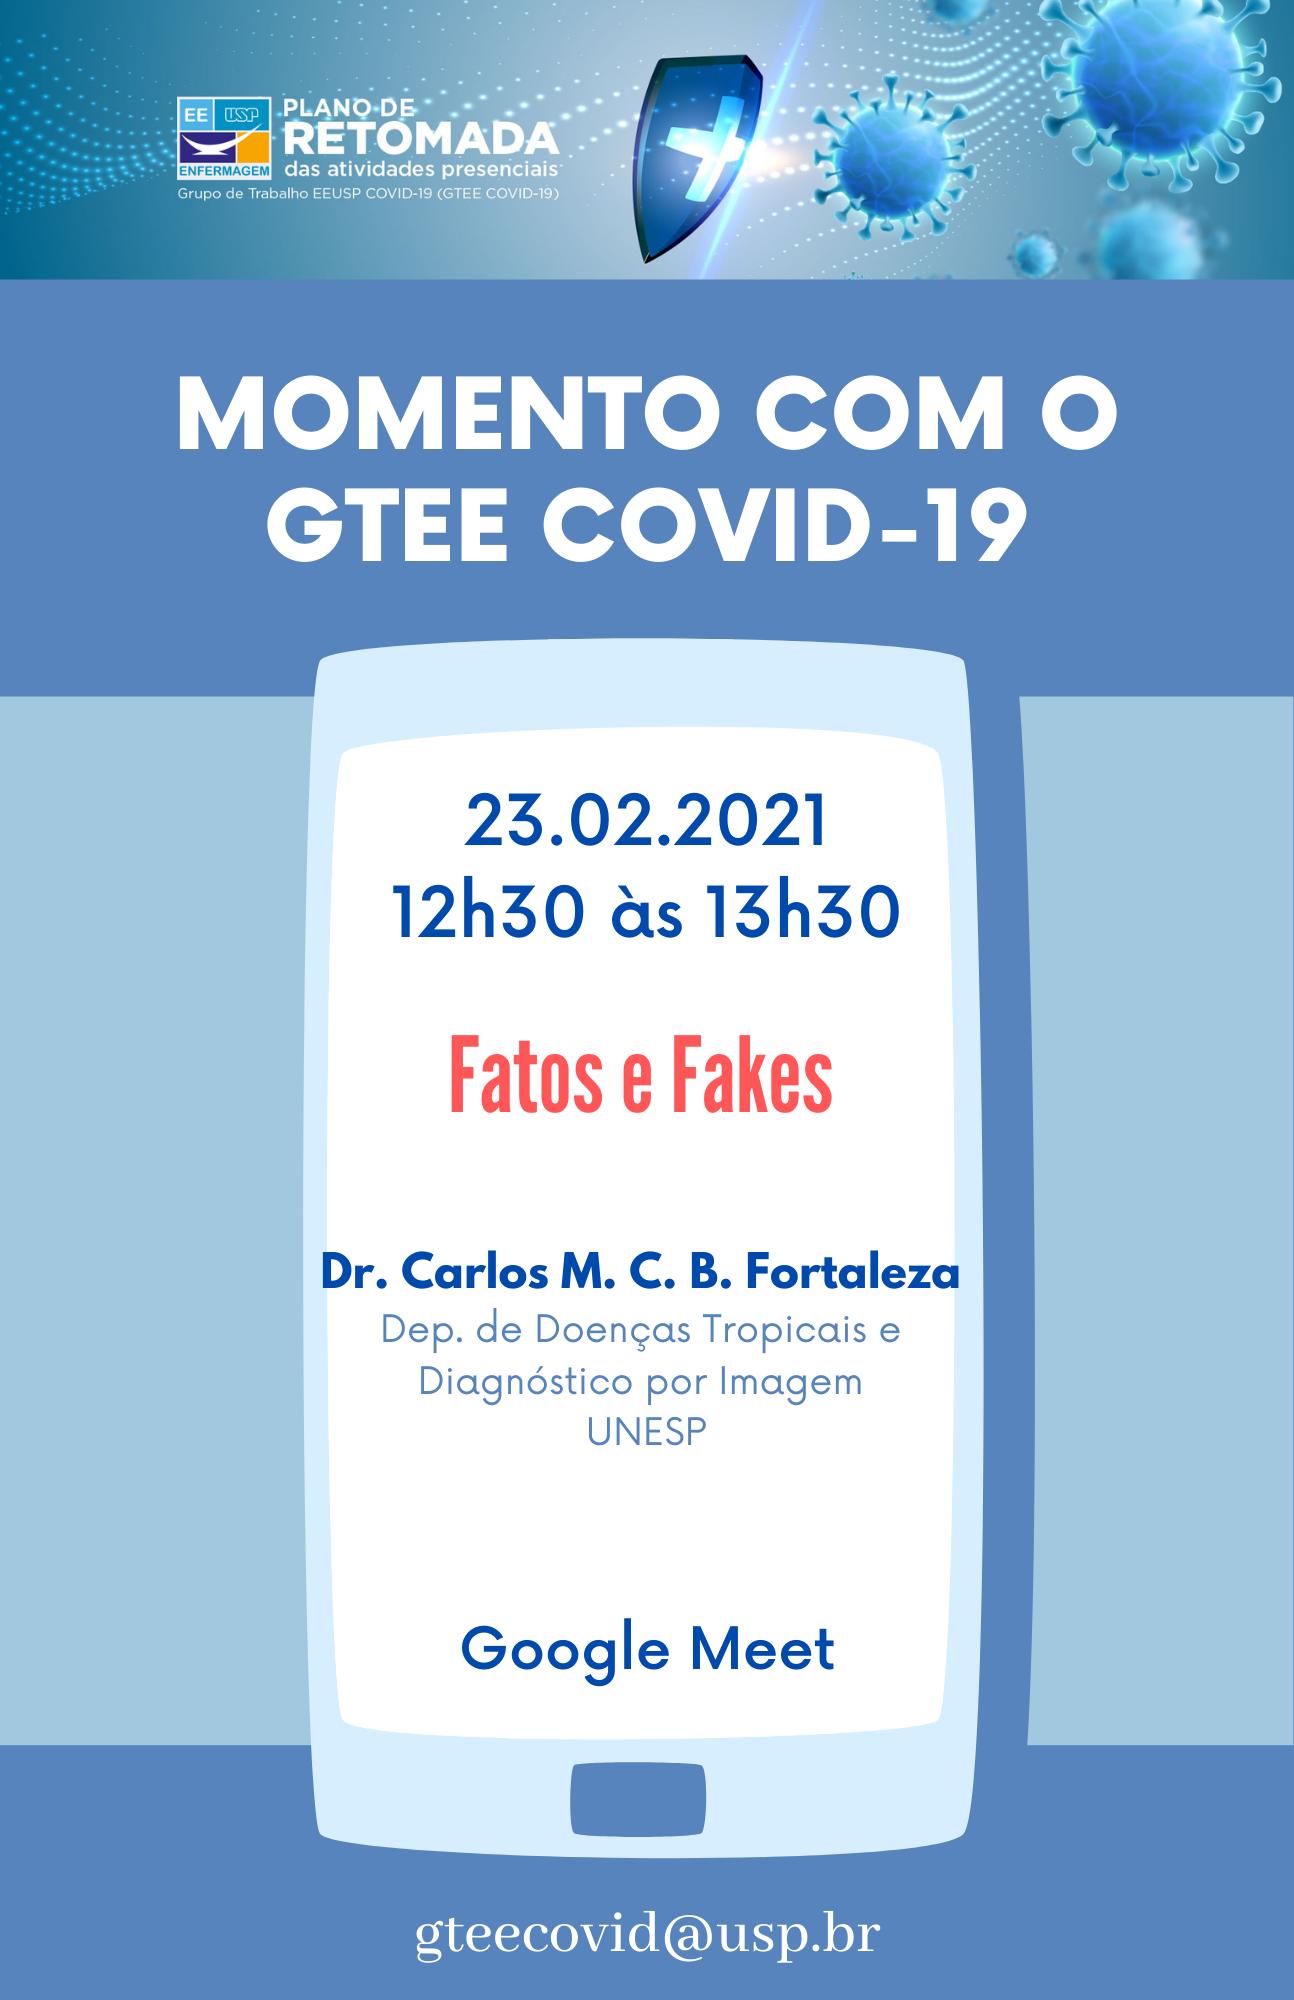 Momento GTEE COVID-19 23/02/2021